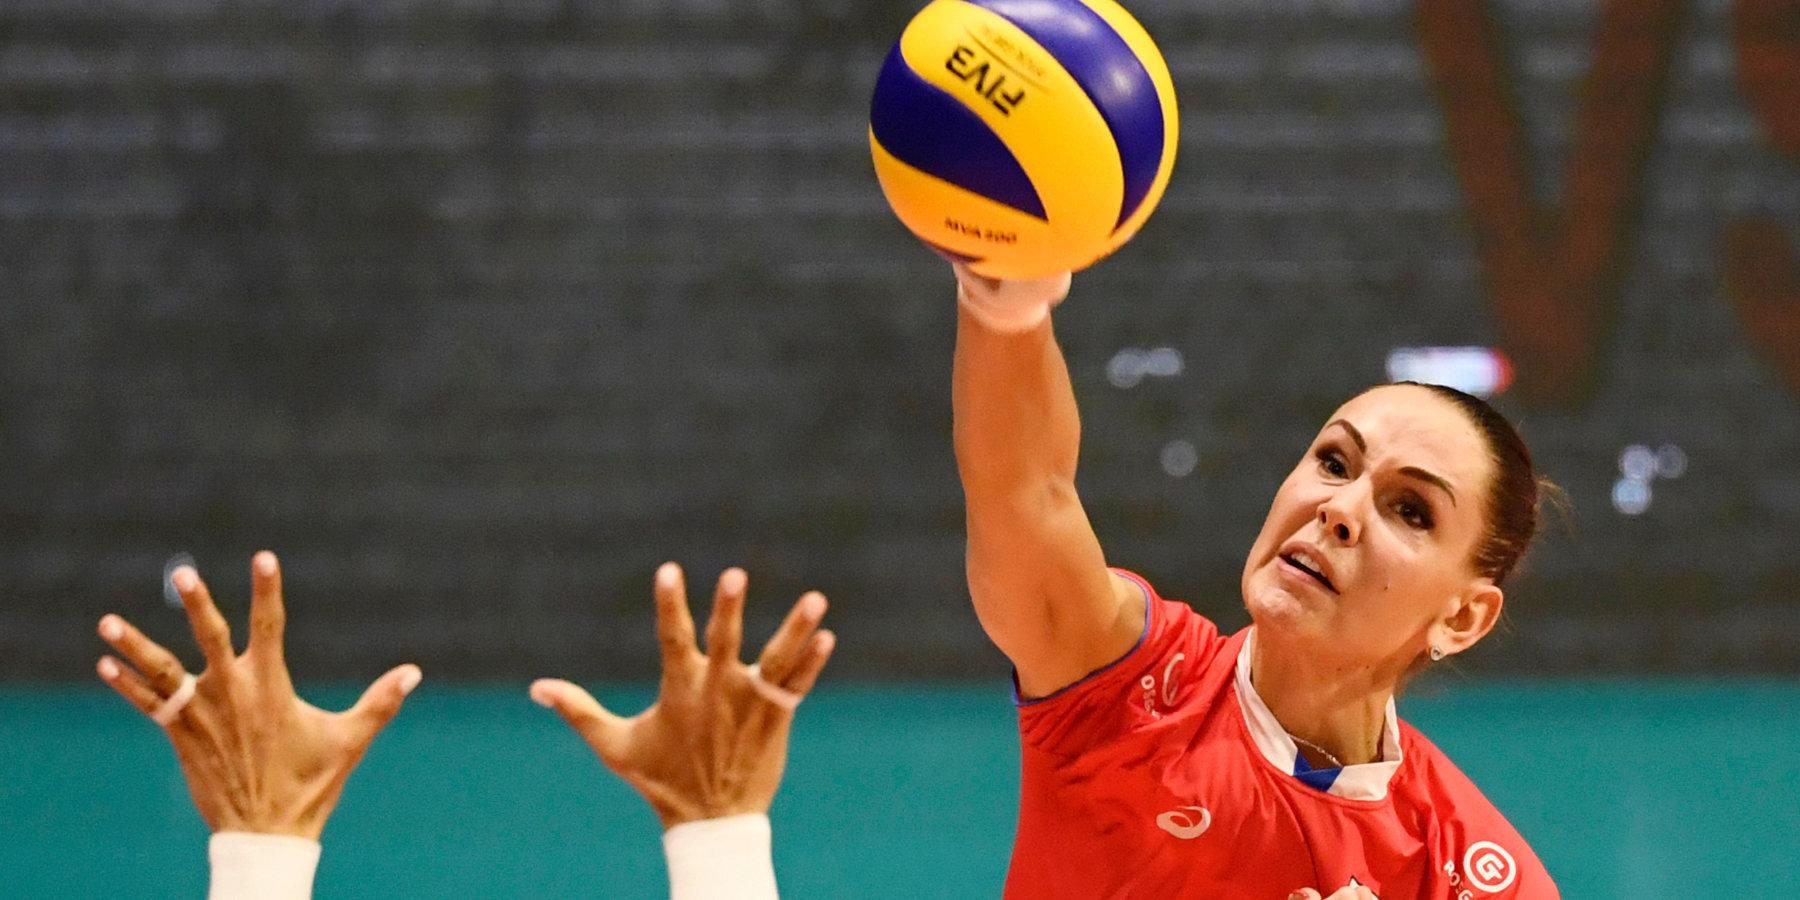 Волейболистки Старцева и Гончарова попали в расширенный состав сборной России на олимпийский отборочный турнир